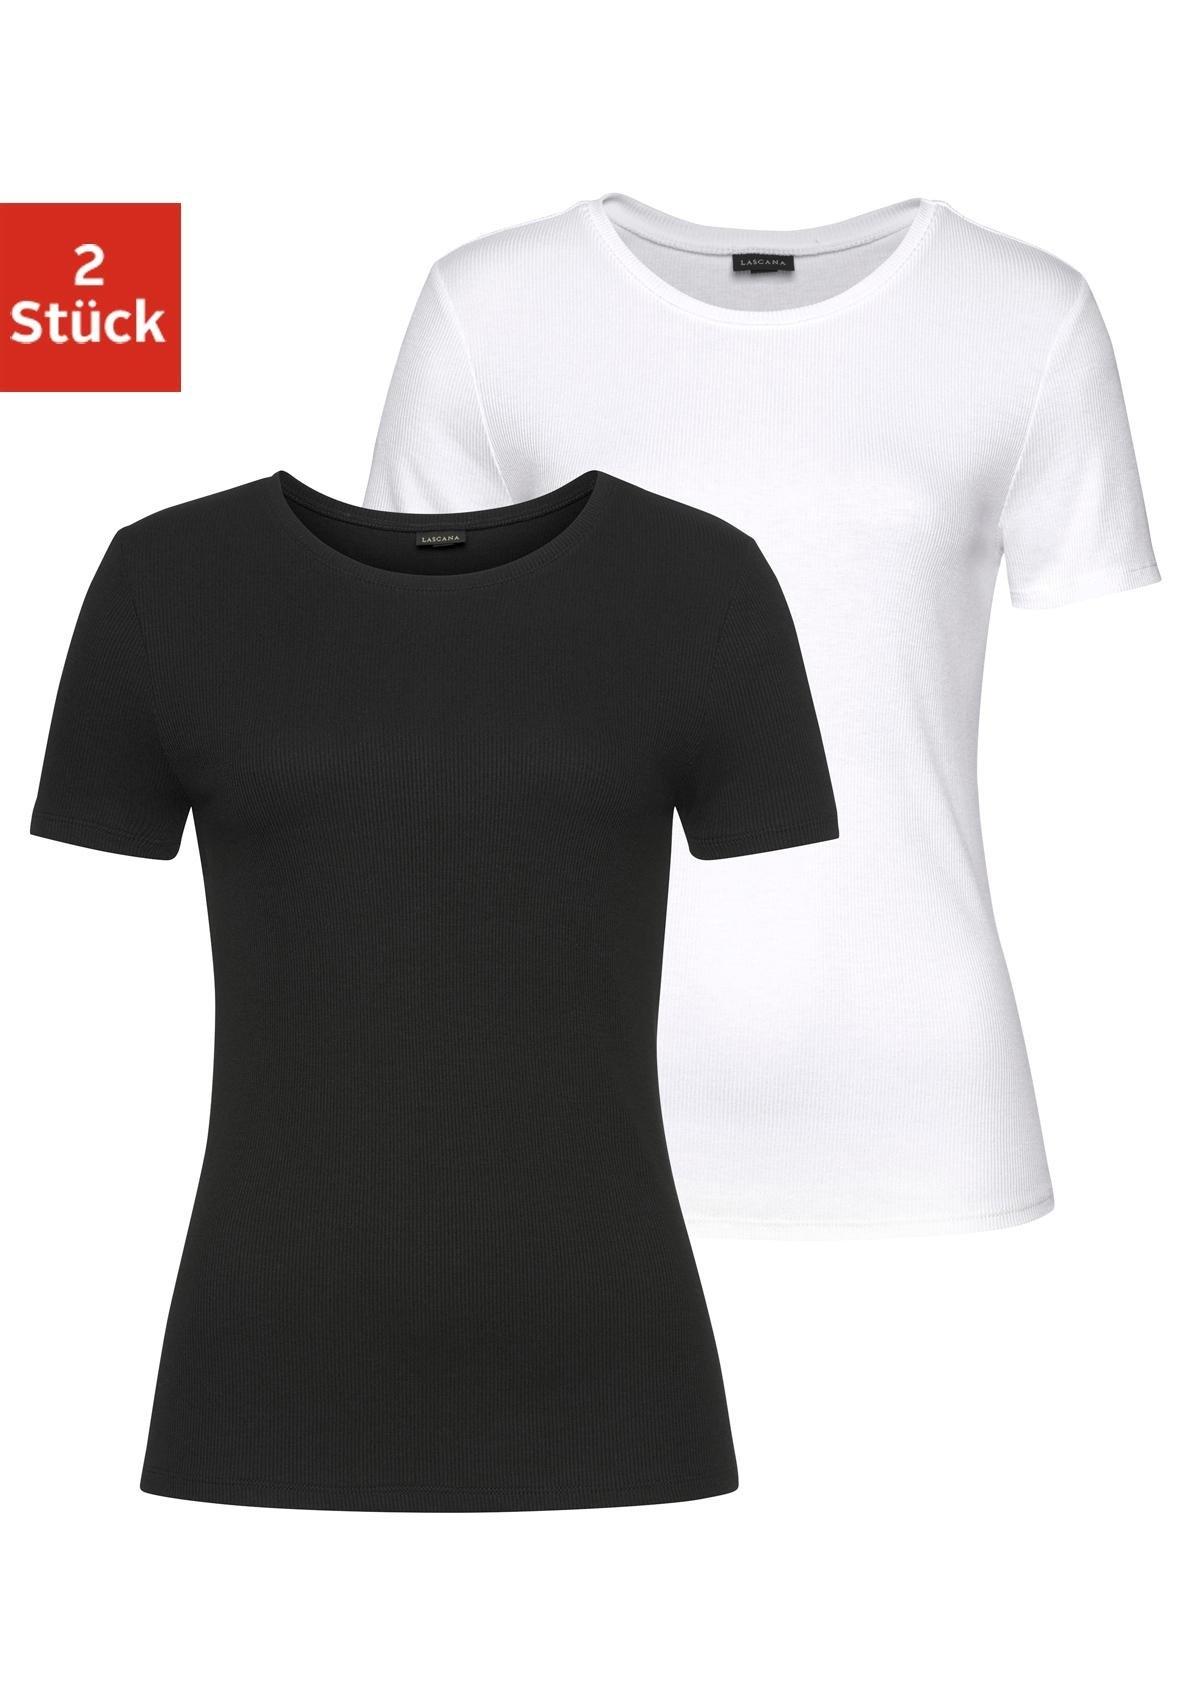 LASCANA T-shirt in de webshop van Lascana kopen